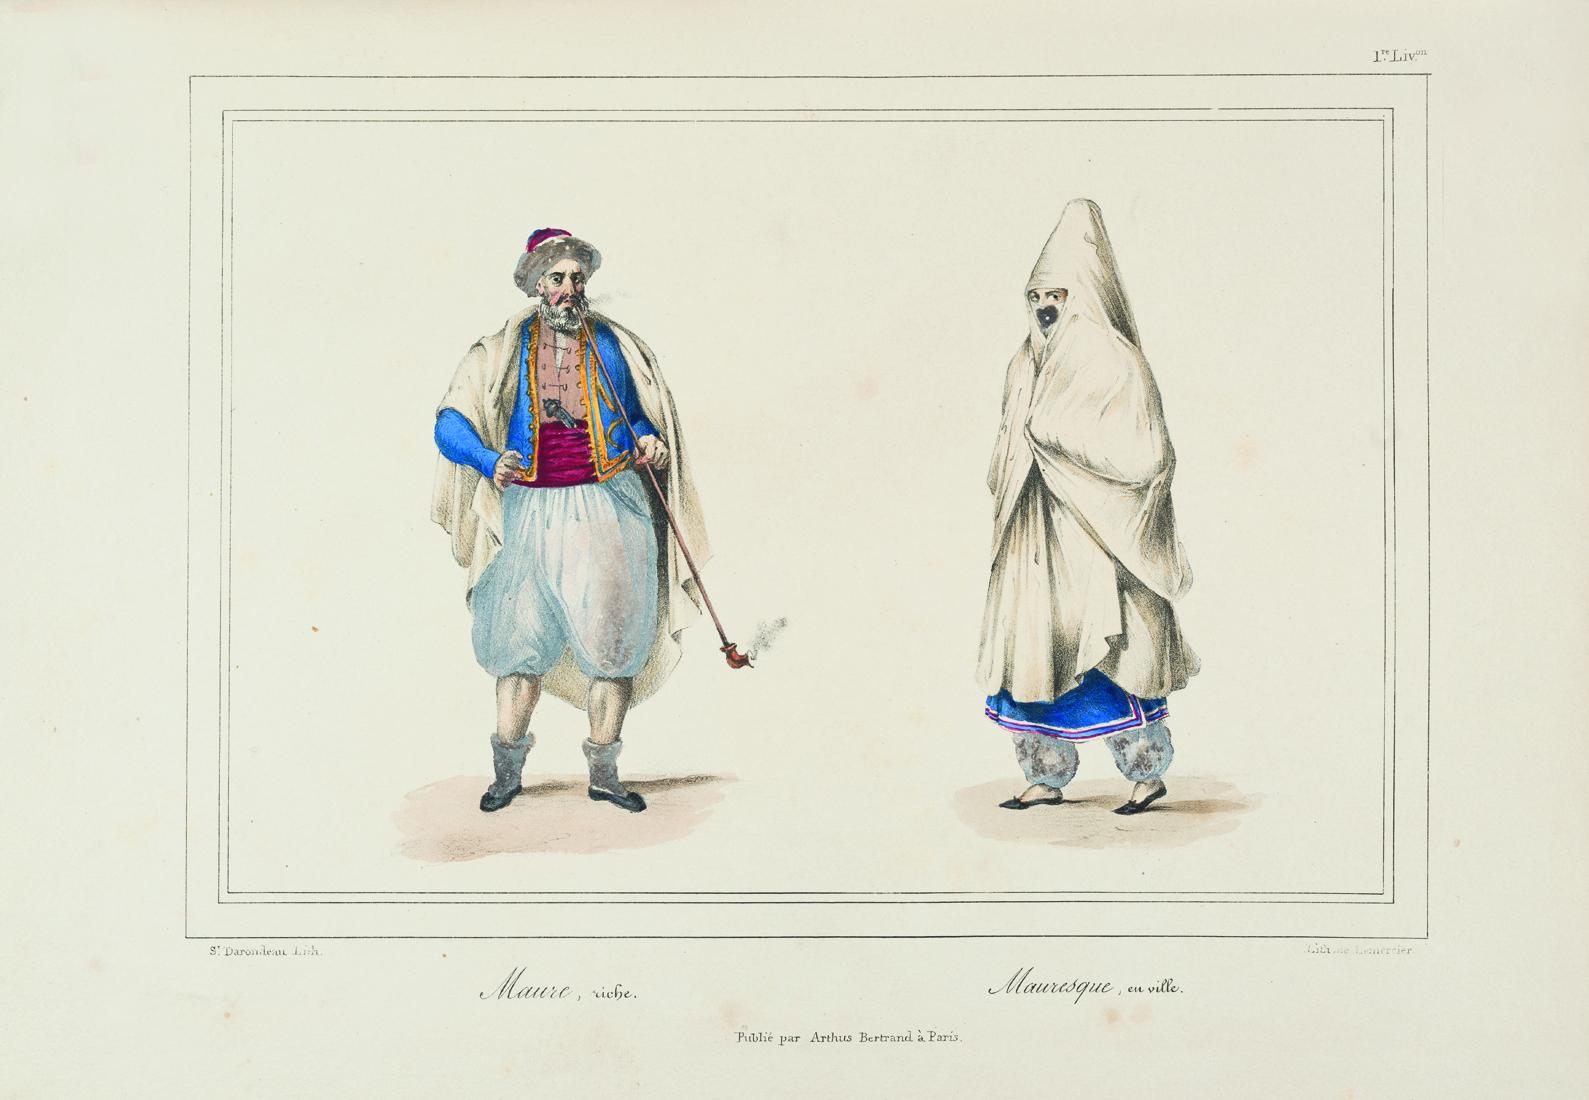 rousset-camille-la-conquete-d-alger-paris-plon-1880-un-volume-in-12-demi-veau-blond-glace-dos-a-nerfs-richement-orne-a-la-grotesque--96-1